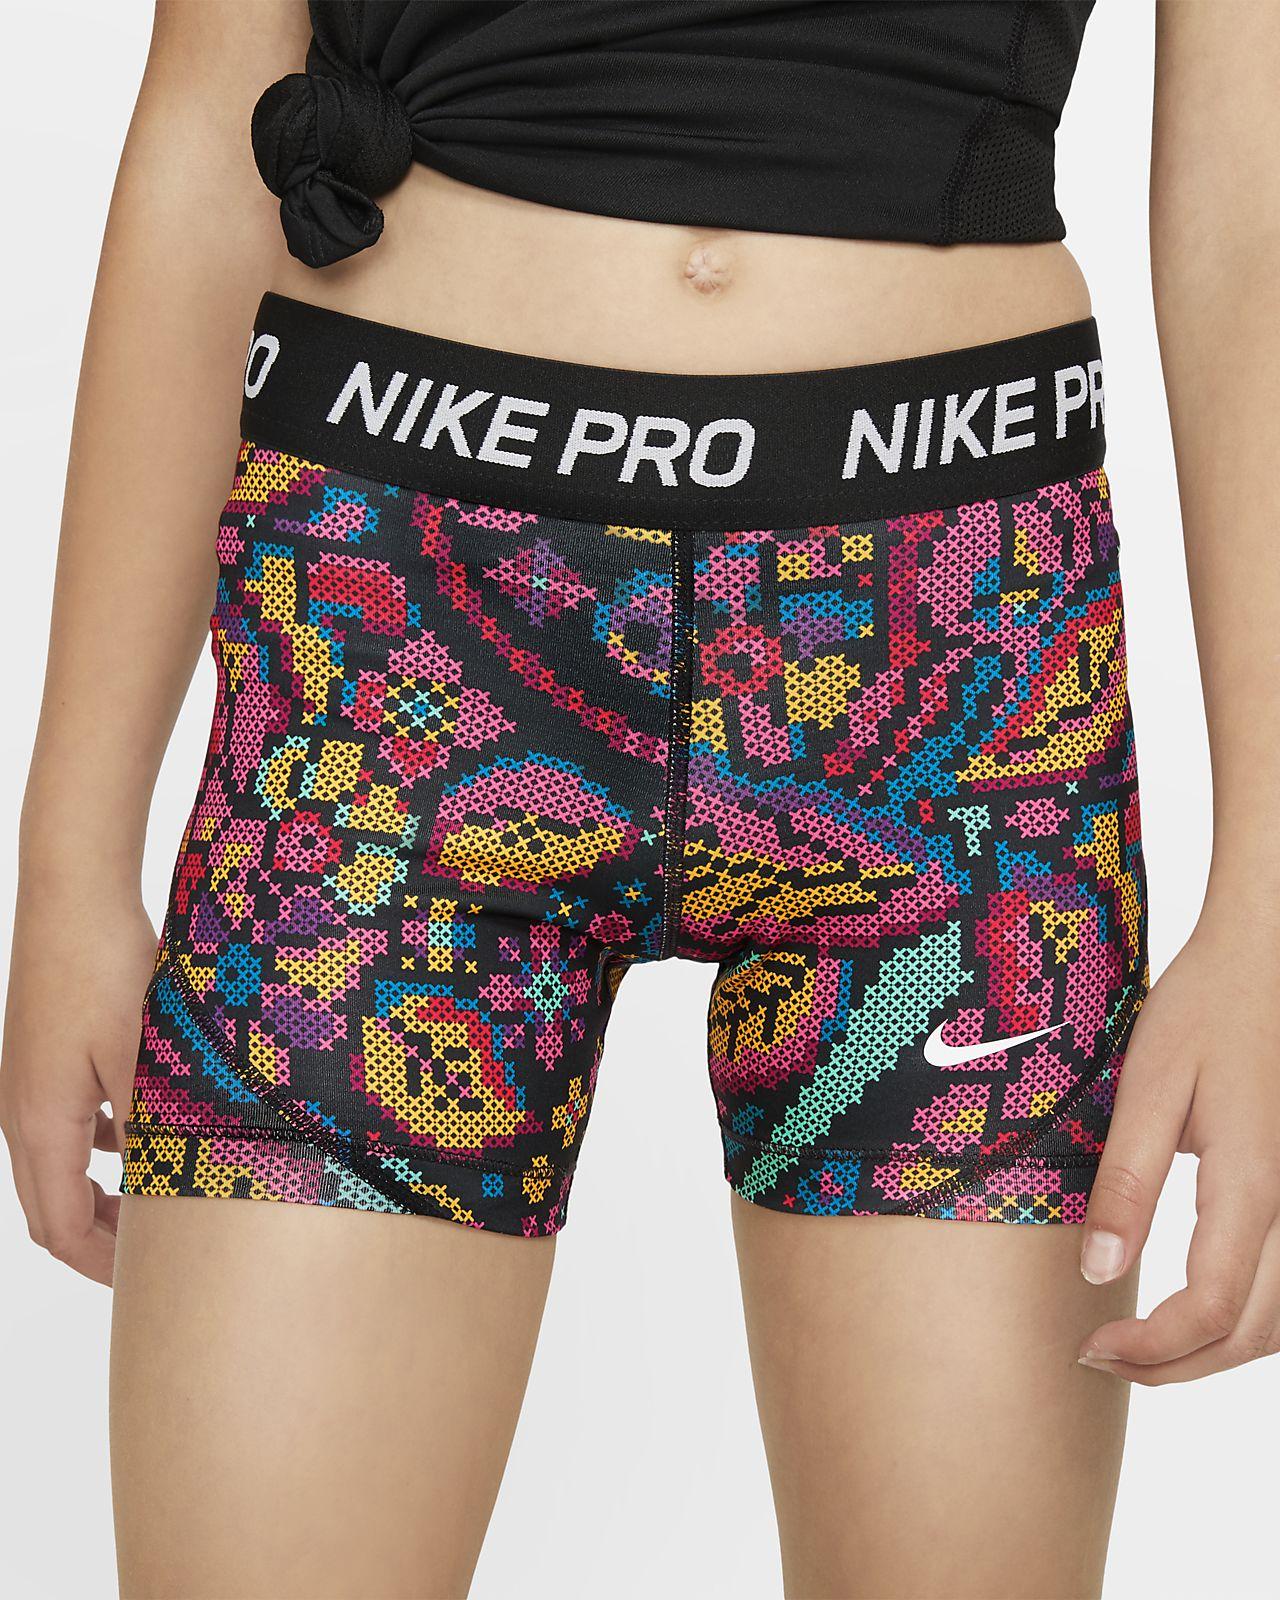 Εμπριμέ εφαρμοστό σορτς Nike Pro για μεγάλα κορίτσια